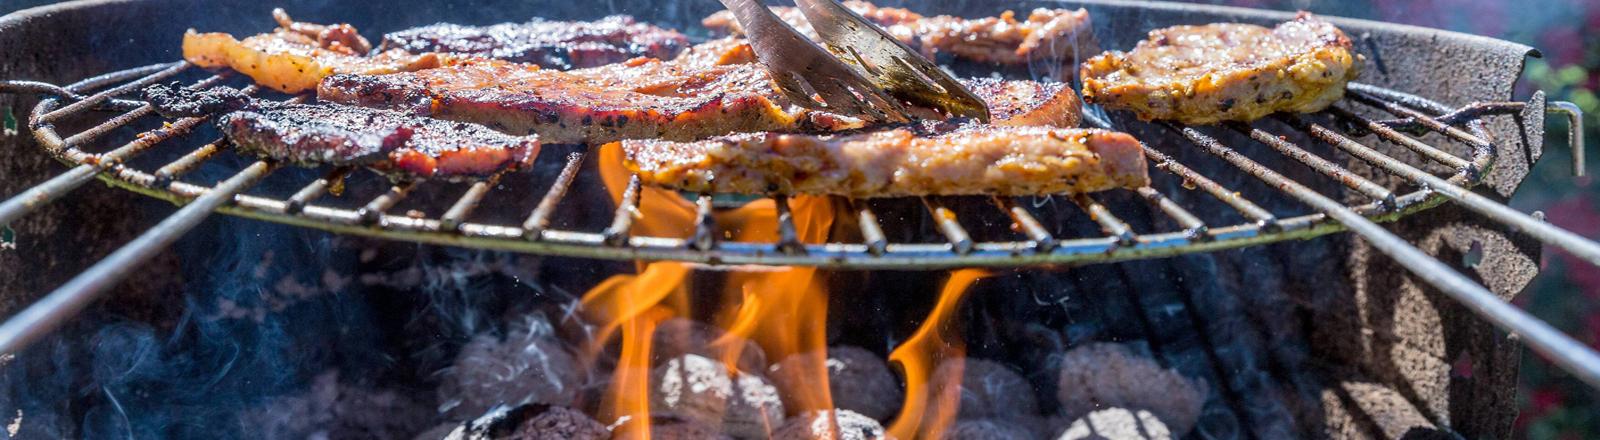 Holzkohle-Grill mit Fleisch auf dem Rost